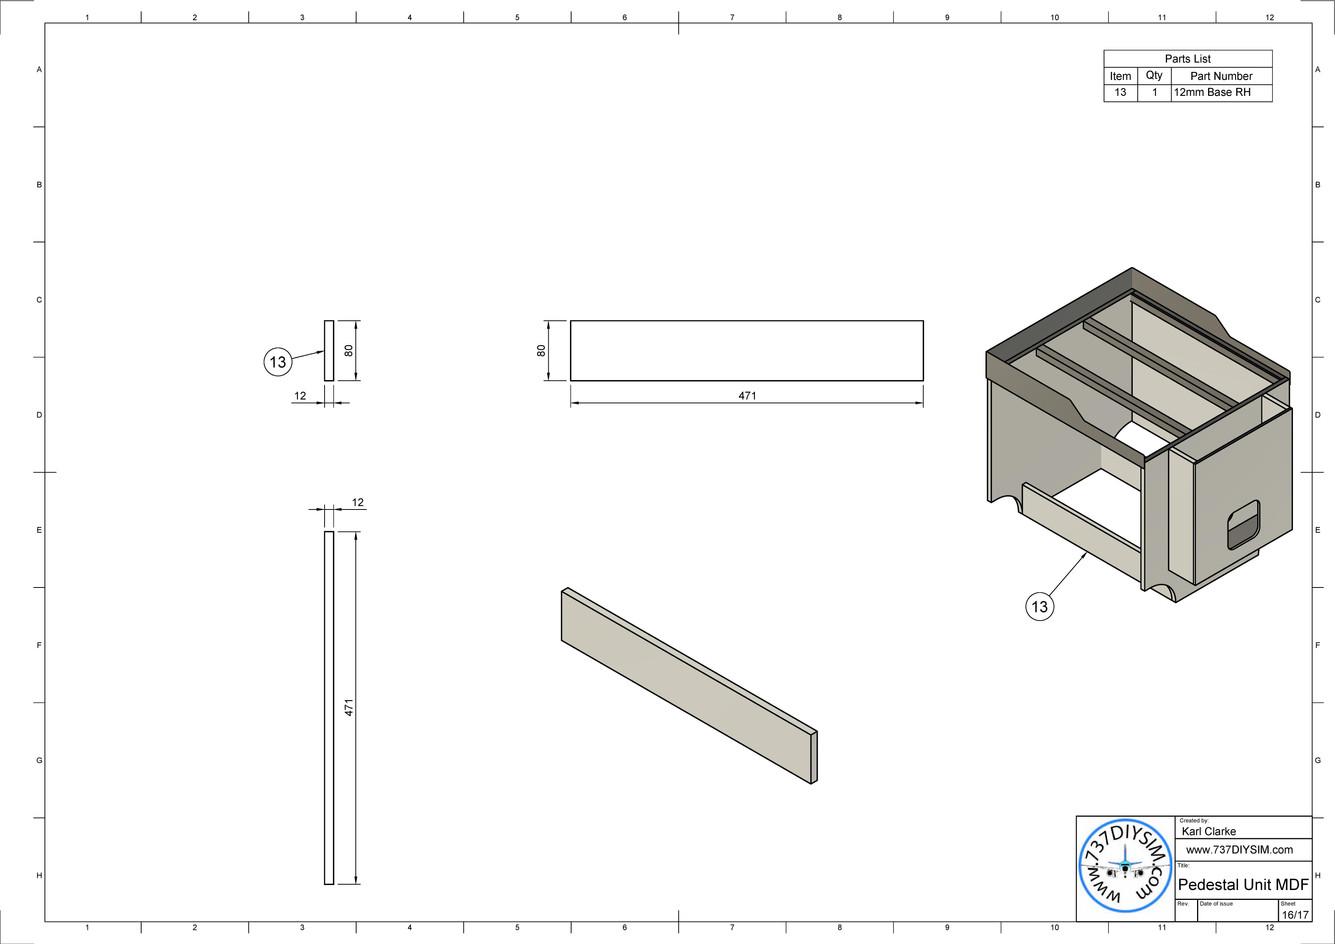 Pedestal Unit MDF Drawing v2-page-016.jp